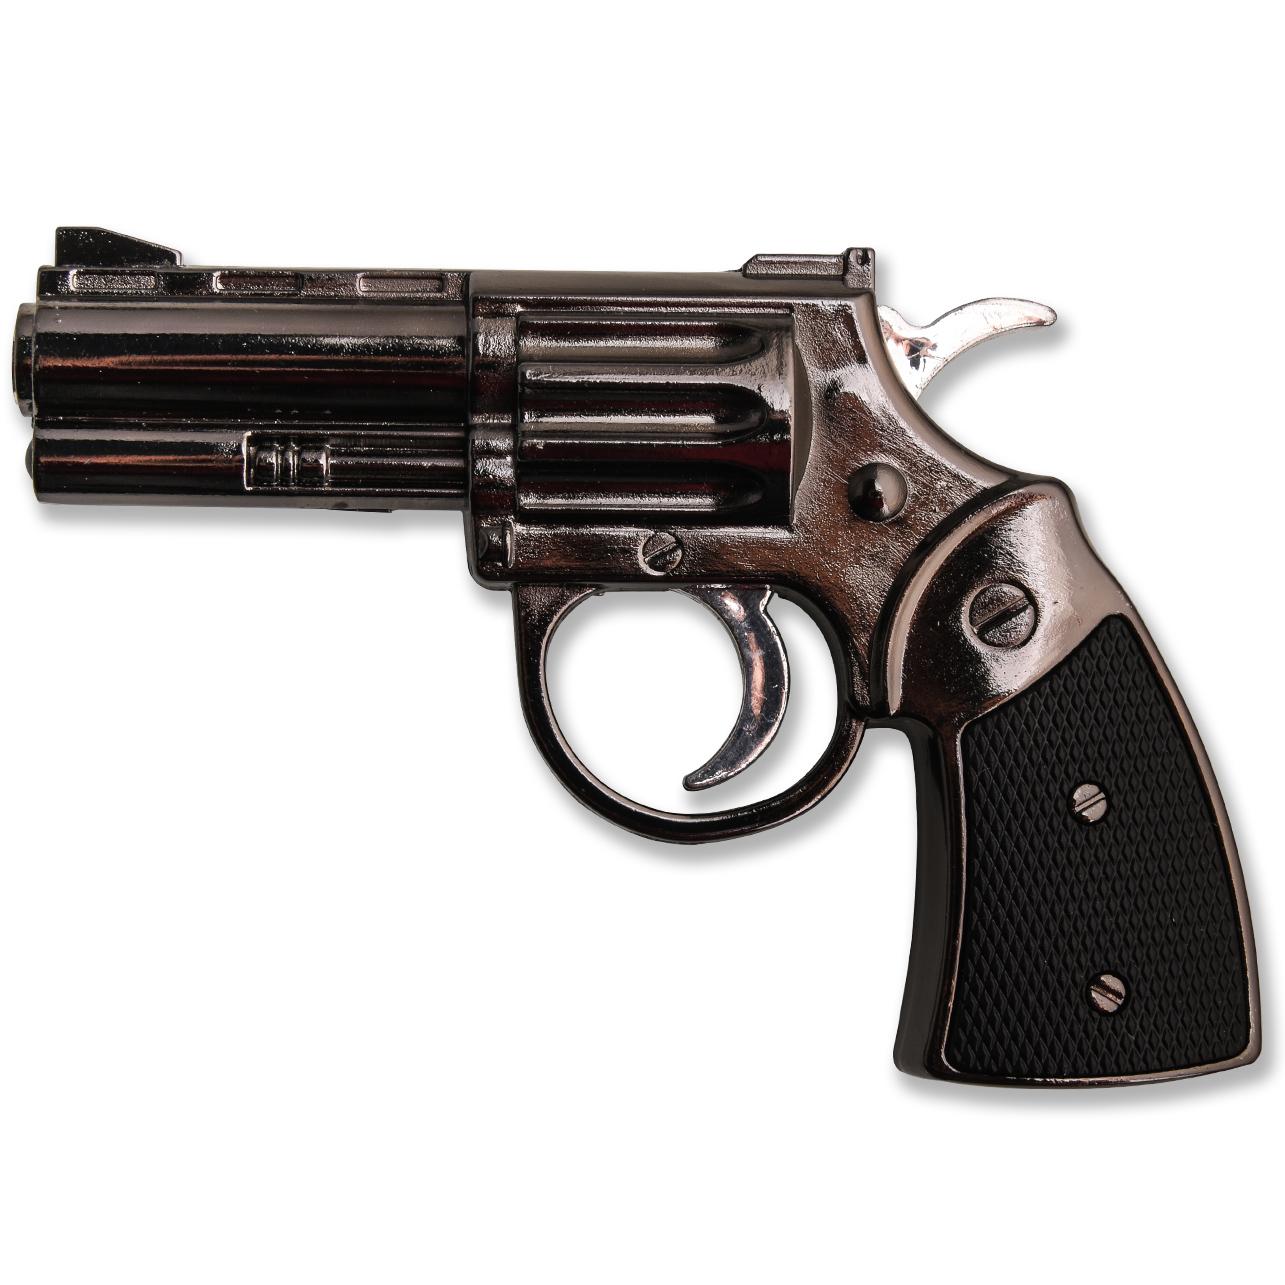 Зажигалка револьвер по выгодной цене